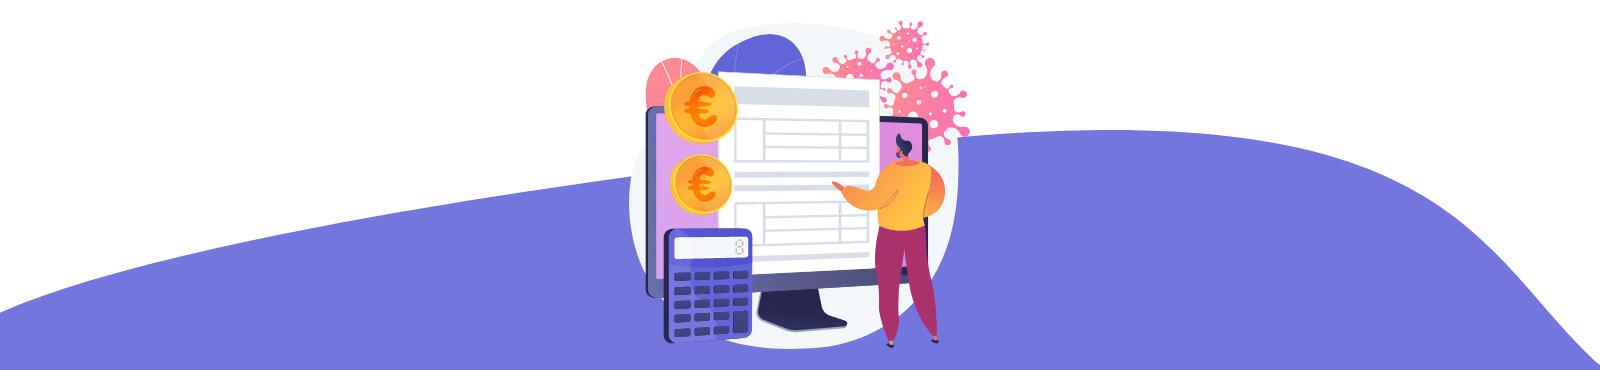 Corona-Liquiditätshilfe: Steuervorauszahlungen aus 2019 erstatten lassen!